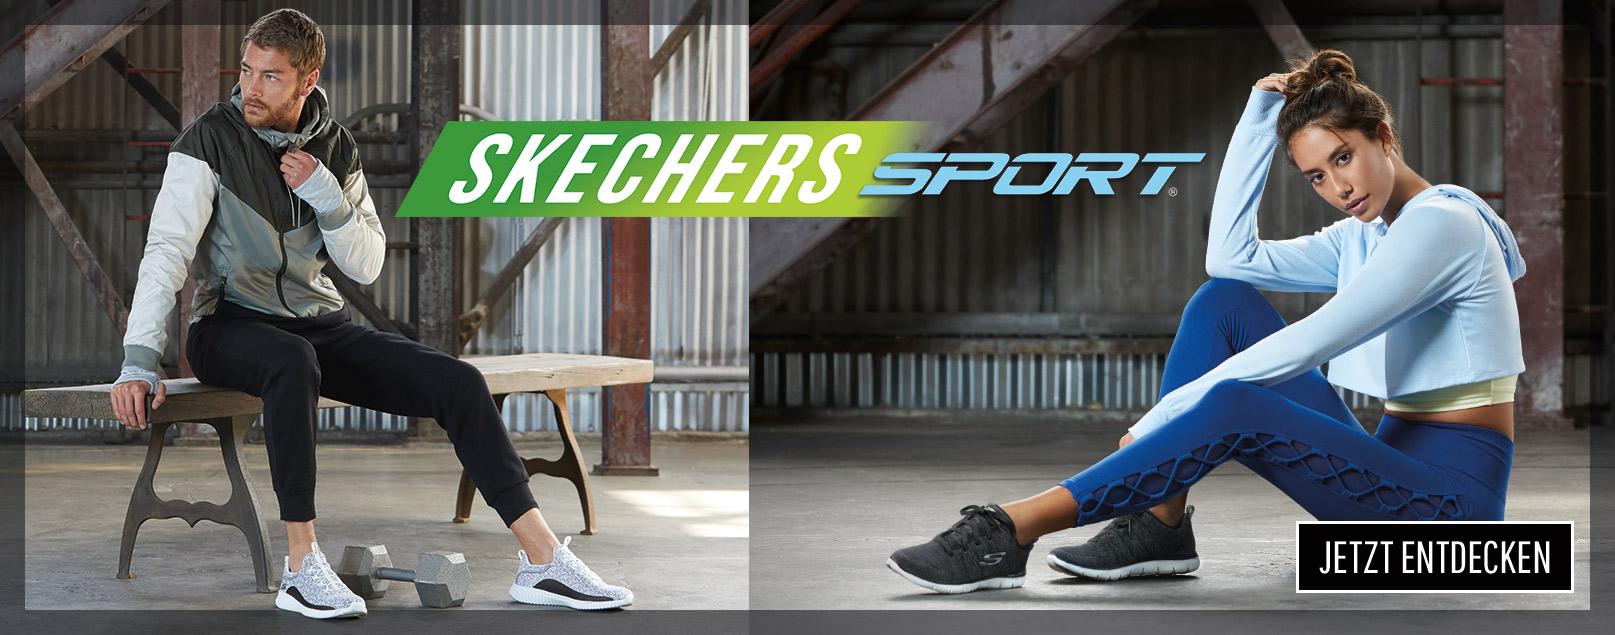 Immer in Bewegung mit Skechers Sport